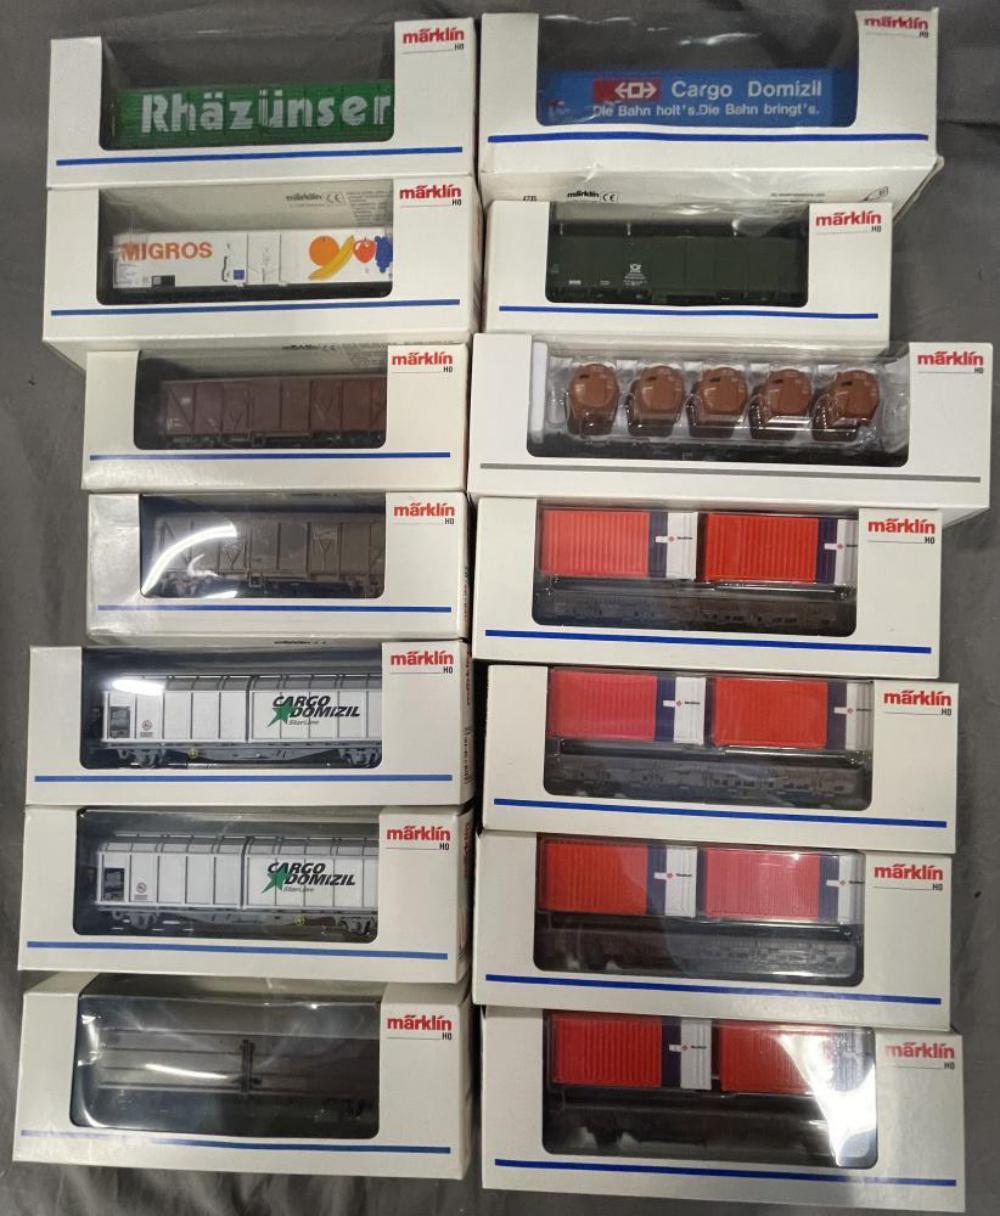 14 Marklin HO Freight Cars